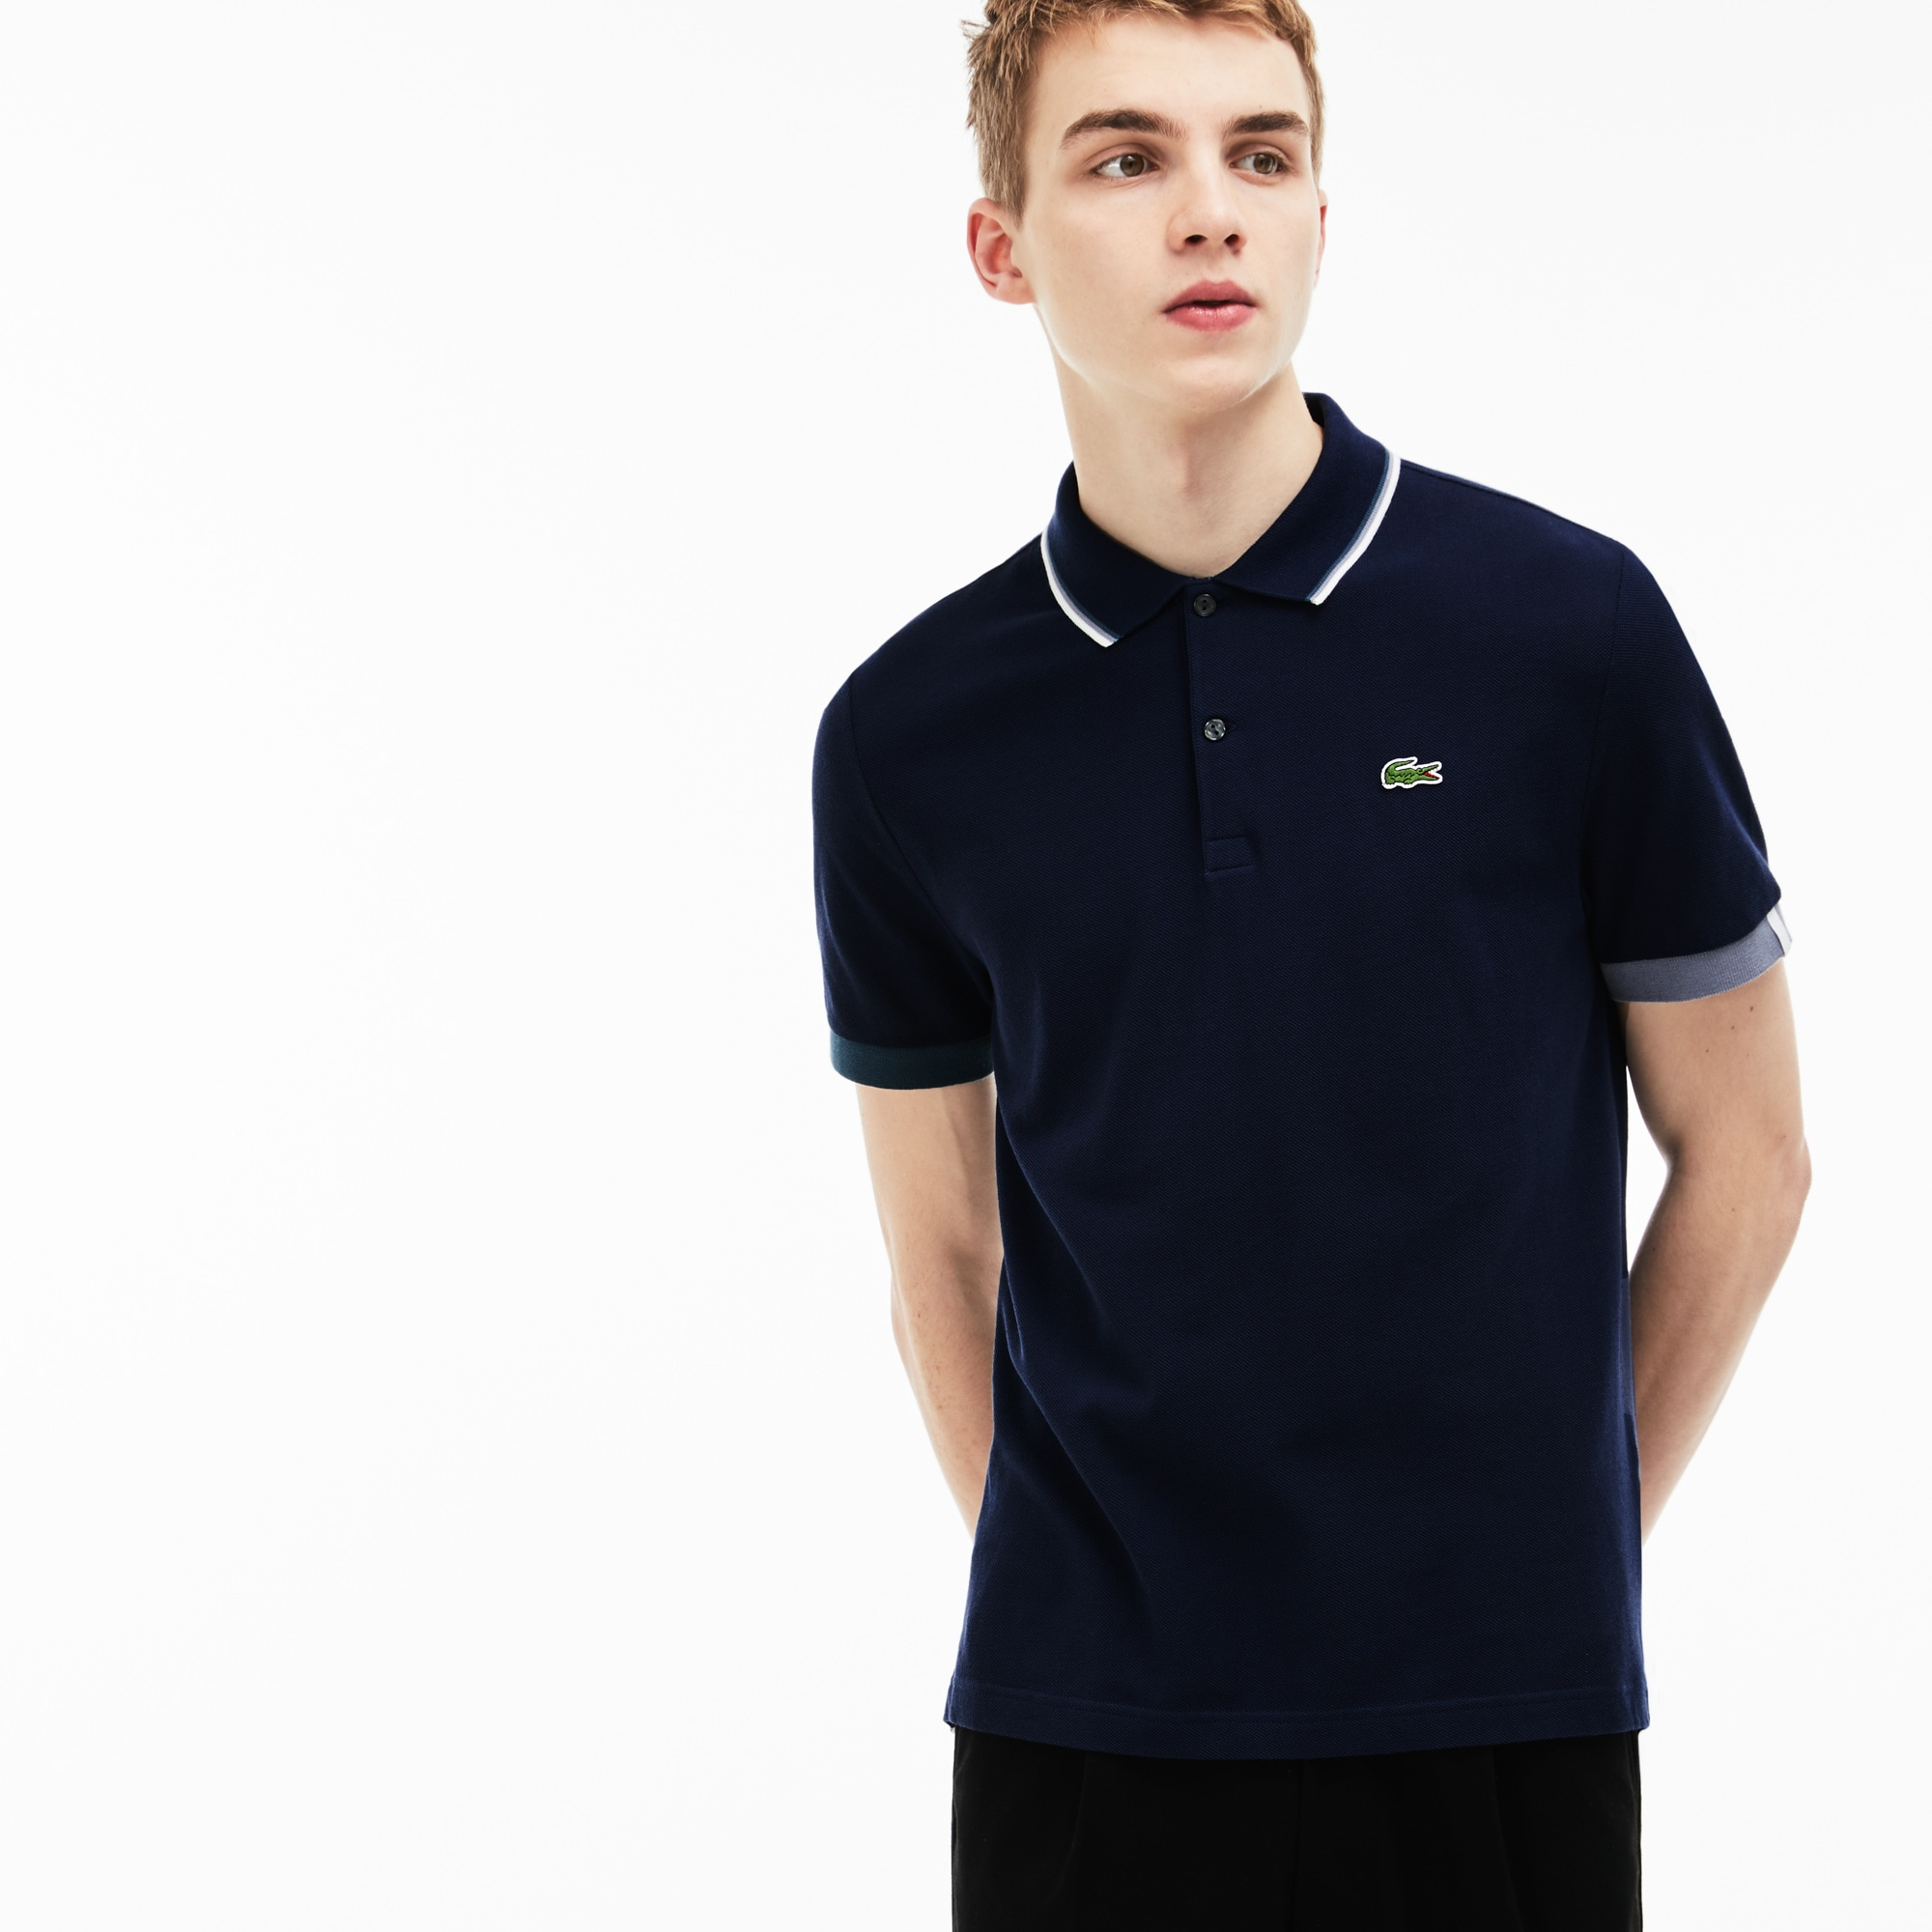 Men's Lacoste LIVE Slim Fit Piped Neck Petit Piqué Polo Shirt